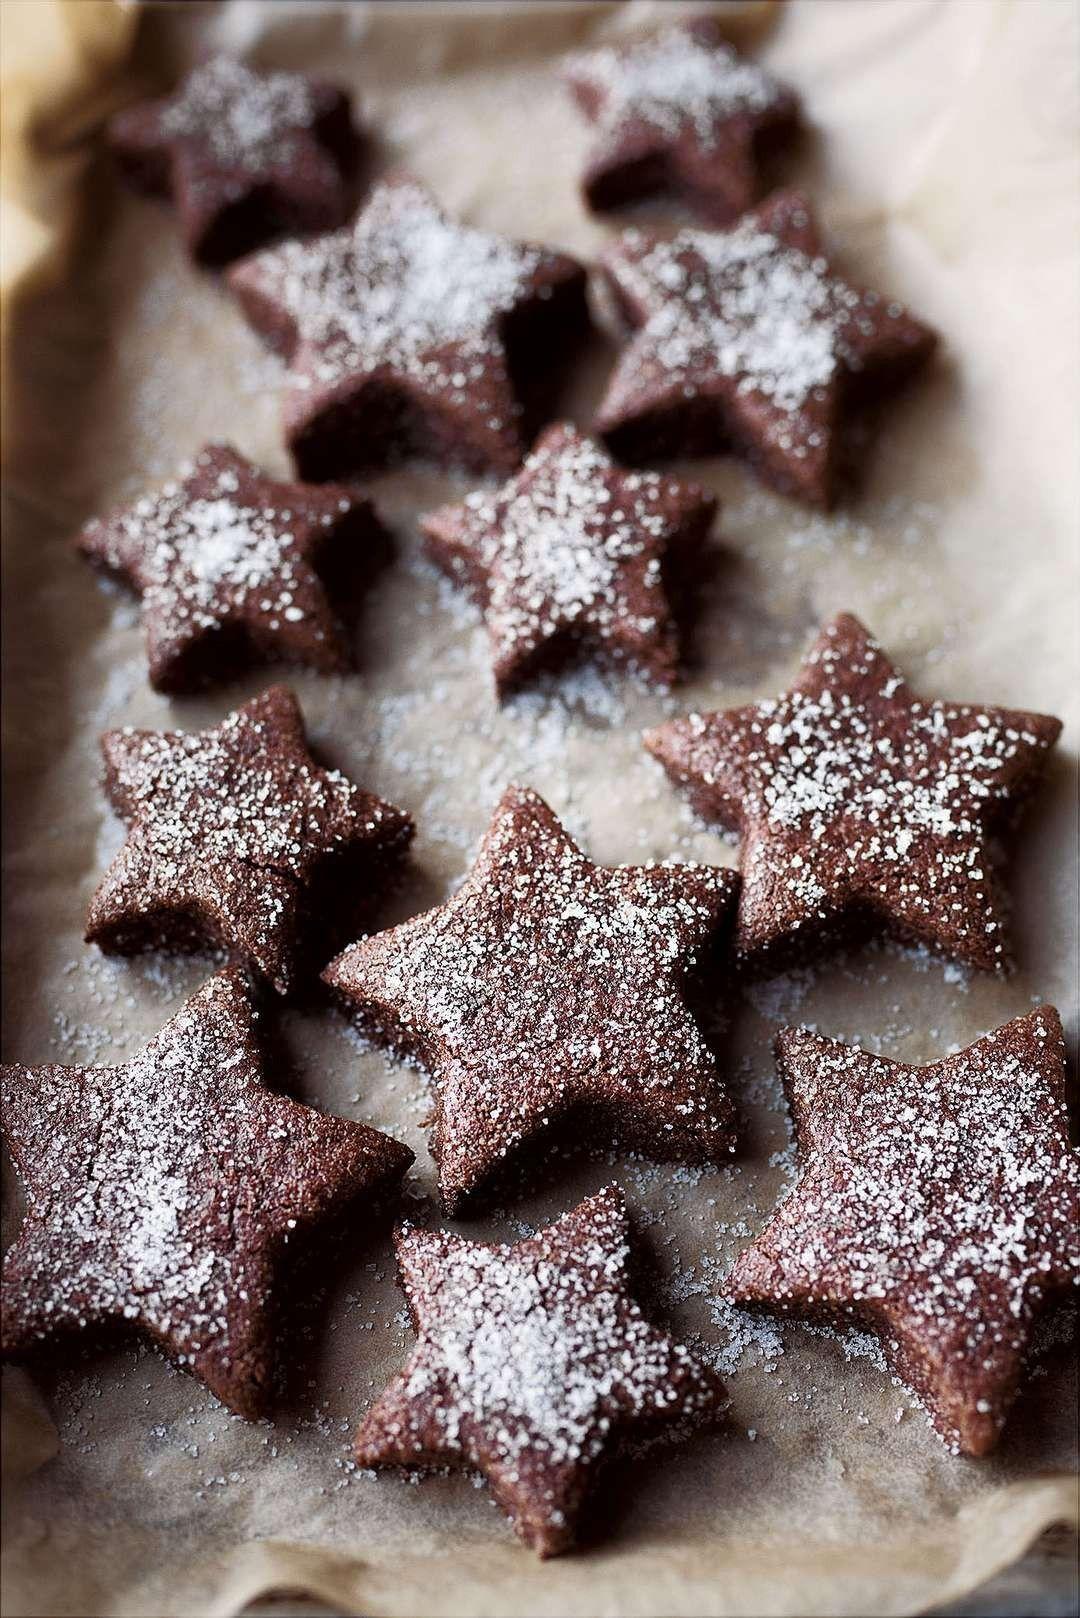 Brunsli Chocolate Cookies Bake In 2019 Chocolate Cookies